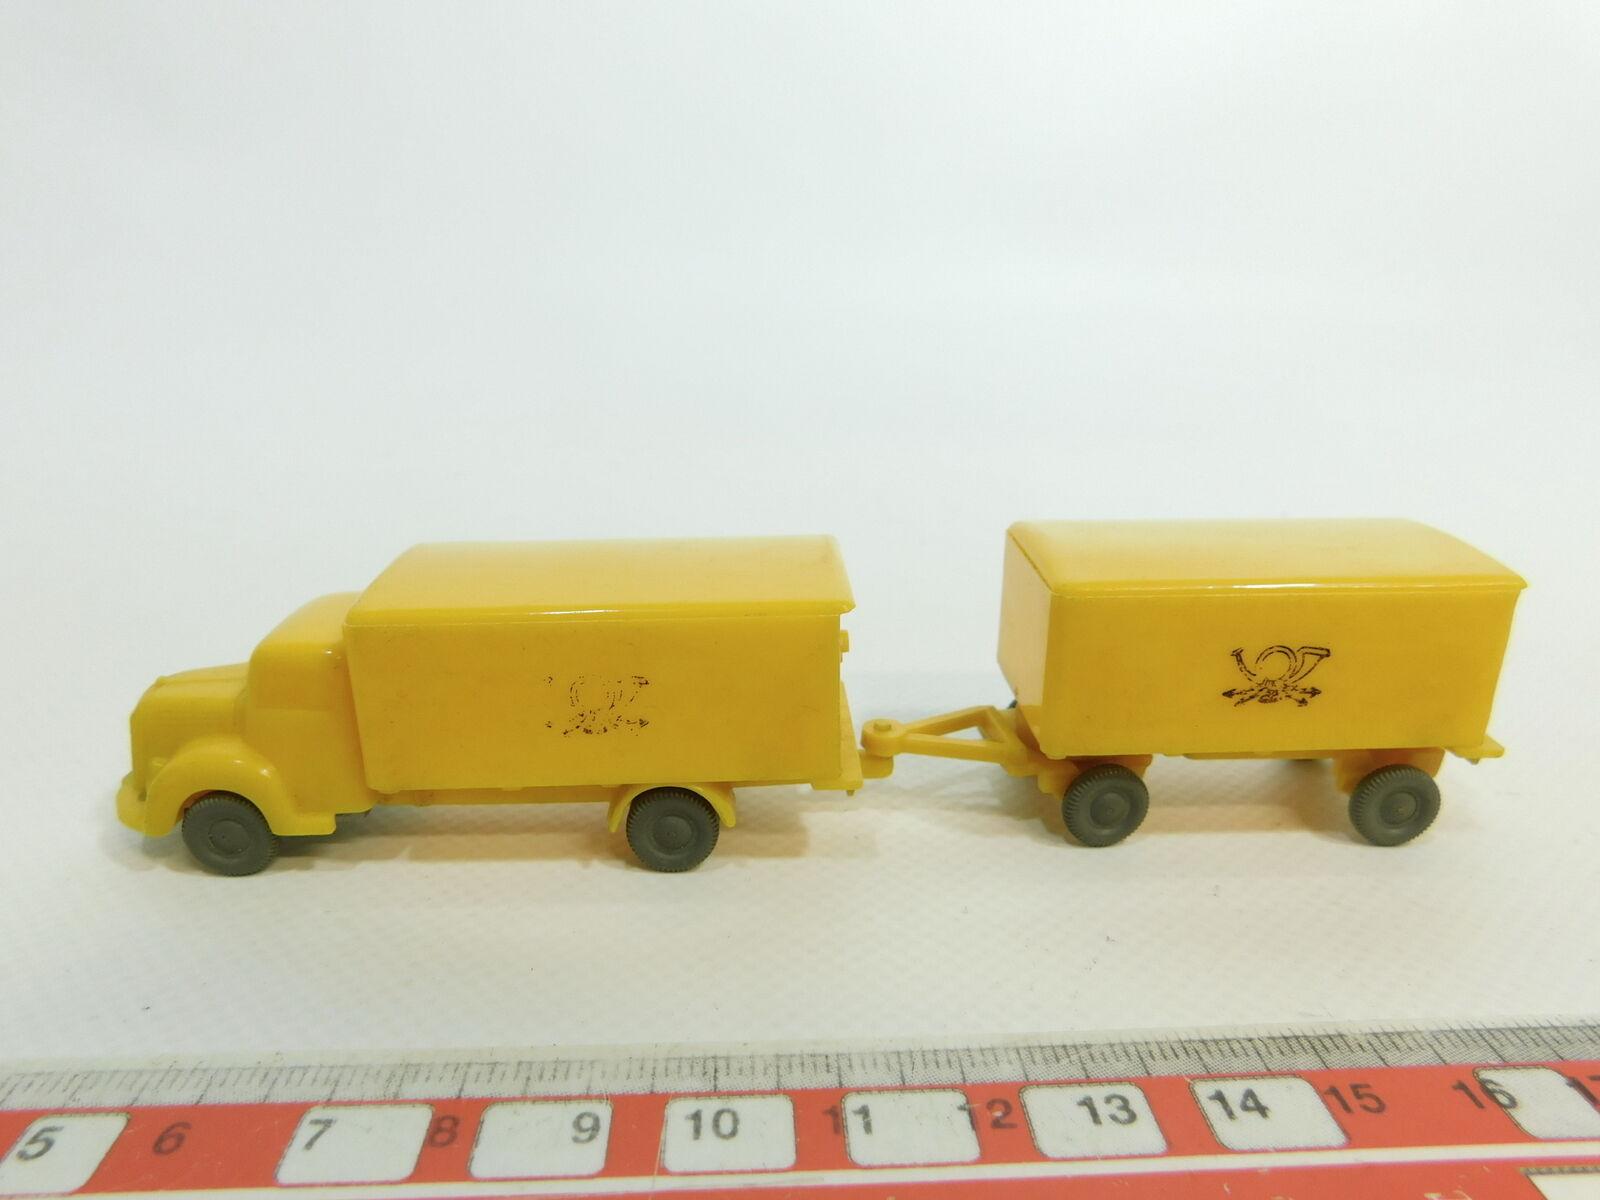 te hará satisfecho Ao315-0, 5  Wiking h0 (1 87) modelo post auto auto auto mb-camión con remolque, lunas  barato